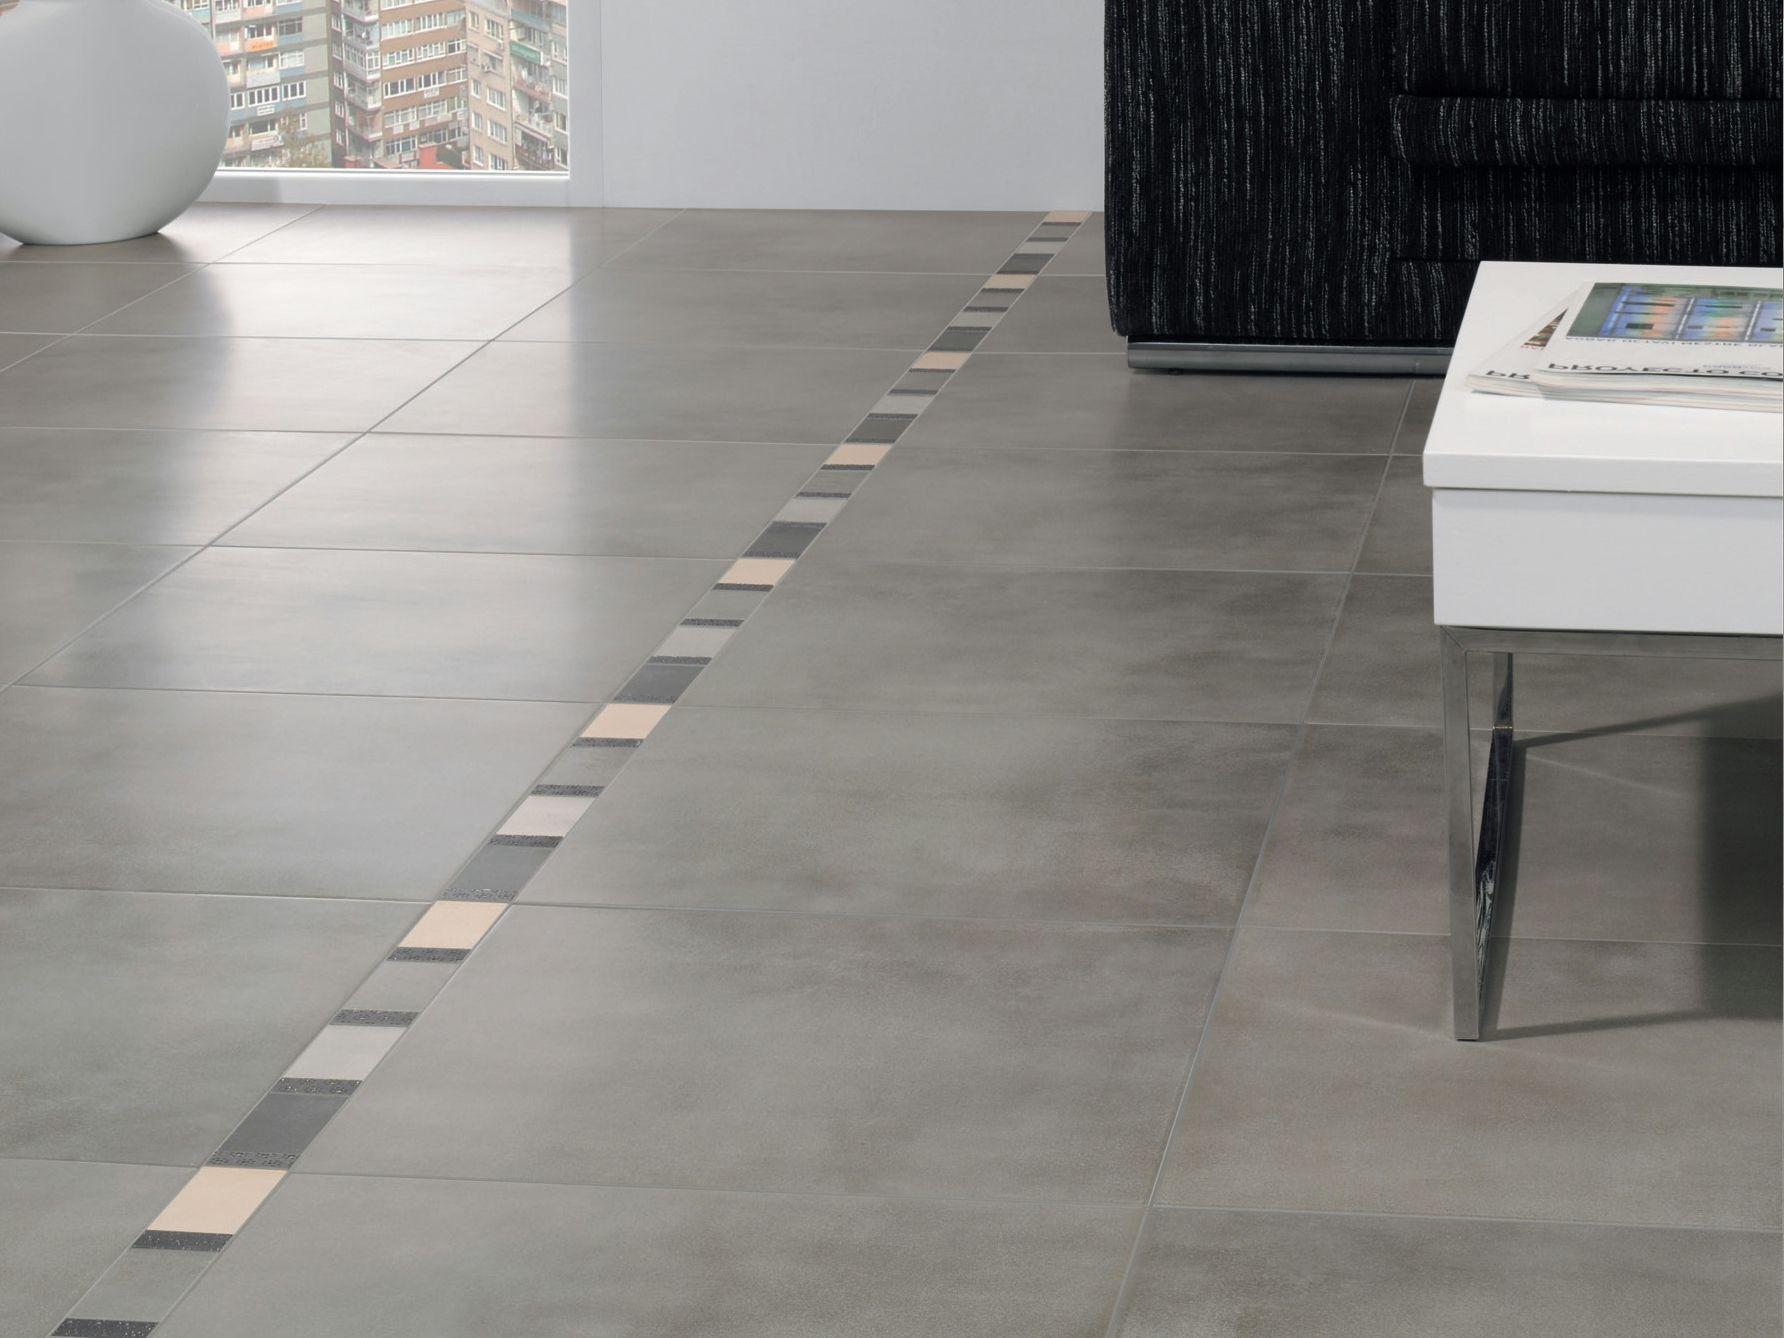 Pavimento de gres porcel nico para interiores y exteriores for Ideas para suelos de interior